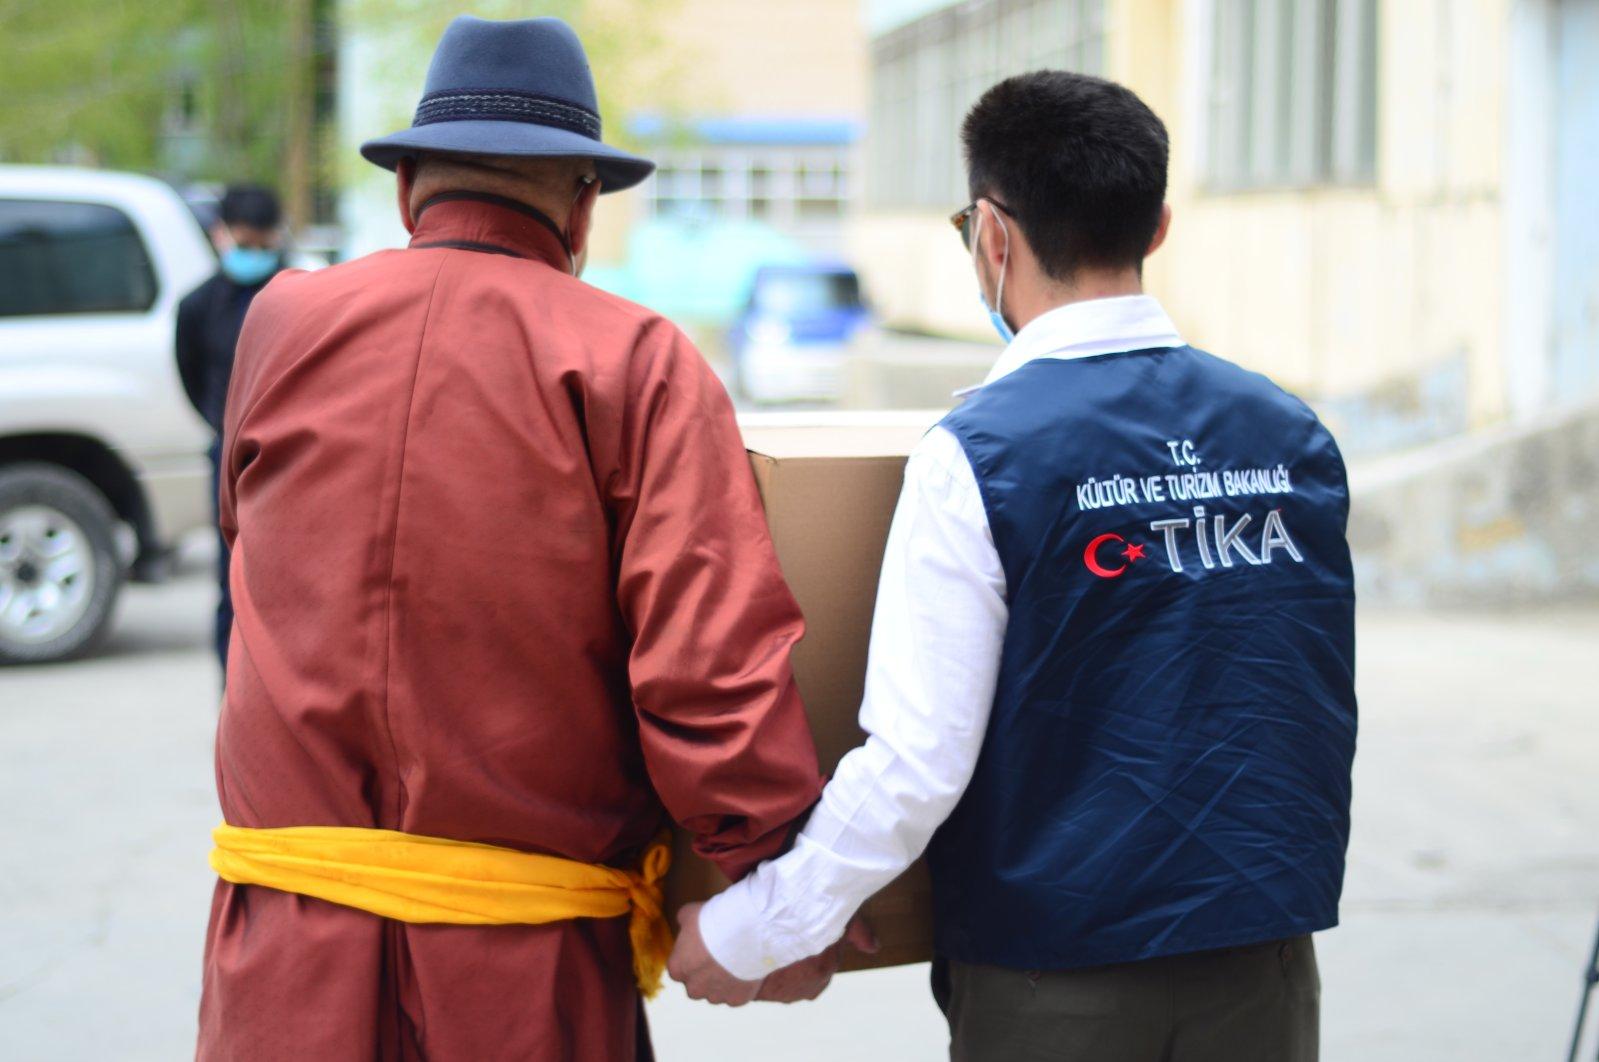 A TIKA volunteer helps a man carry an aid box in Ulaanbaatar, Mongolia, May 12, 2020. (AA Photo)